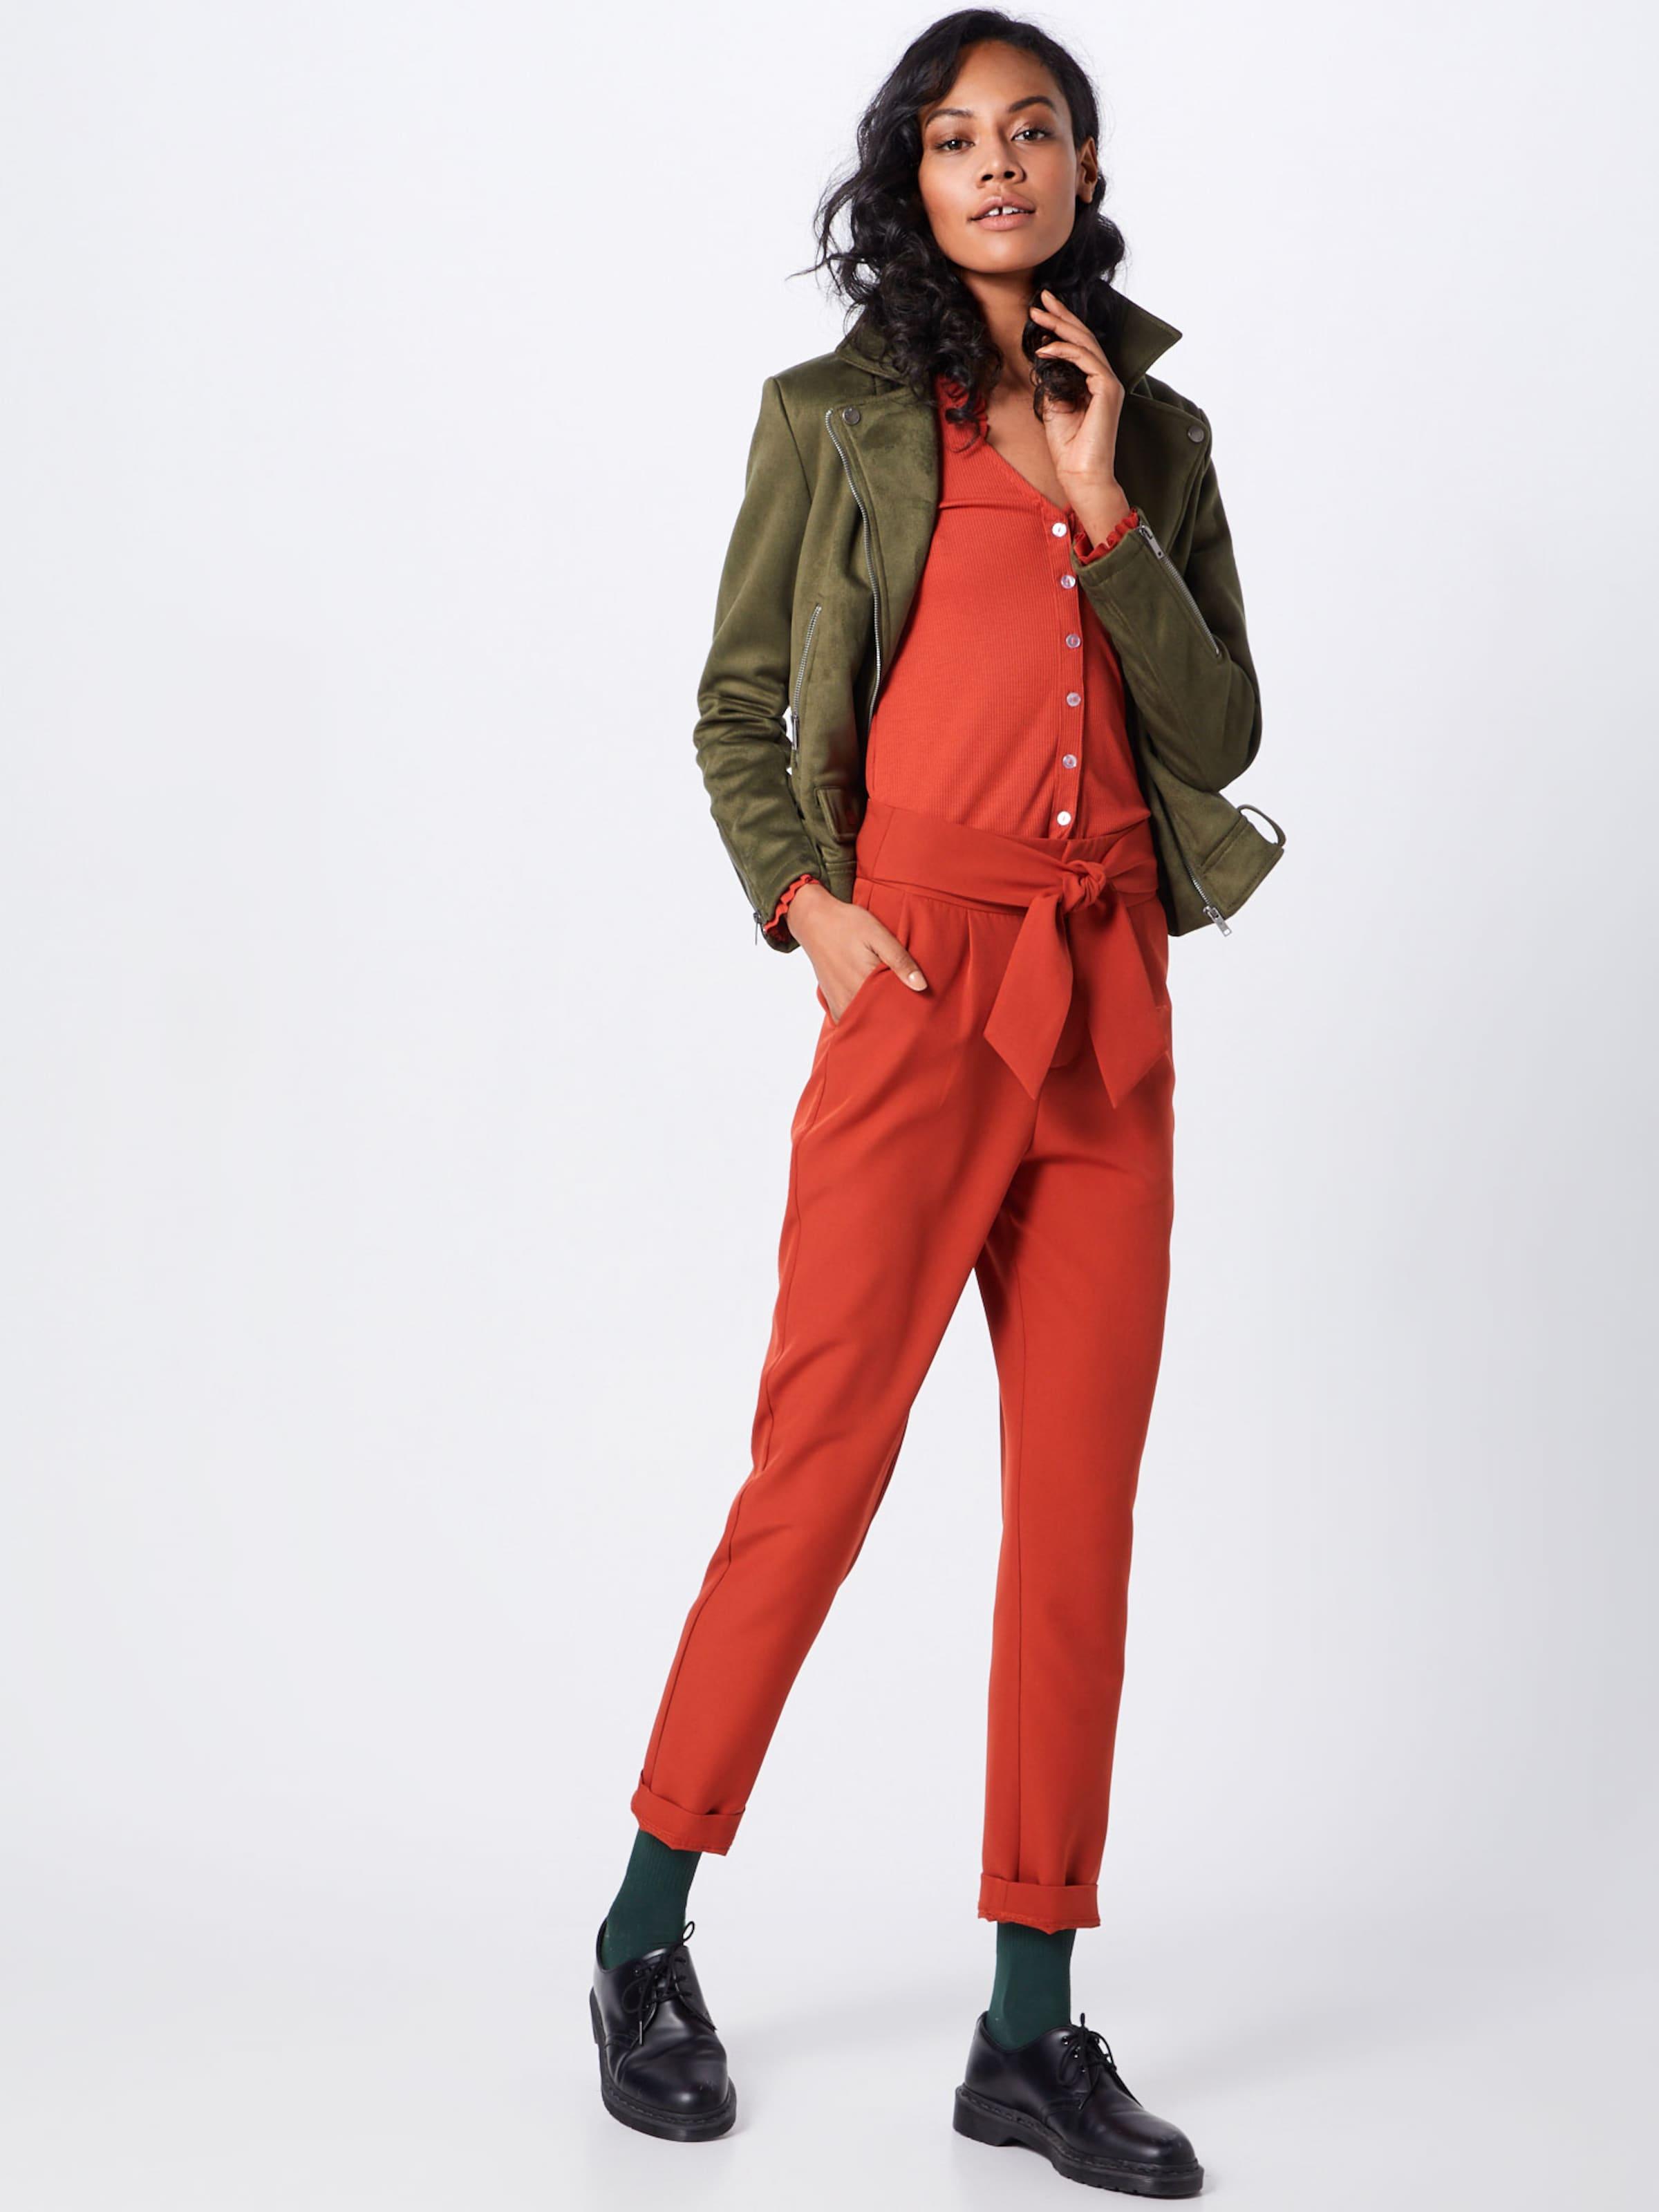 Pince Trousers' À En Rouge Feu Pantalon 'mison Union Fashion K5ucF3Tl1J